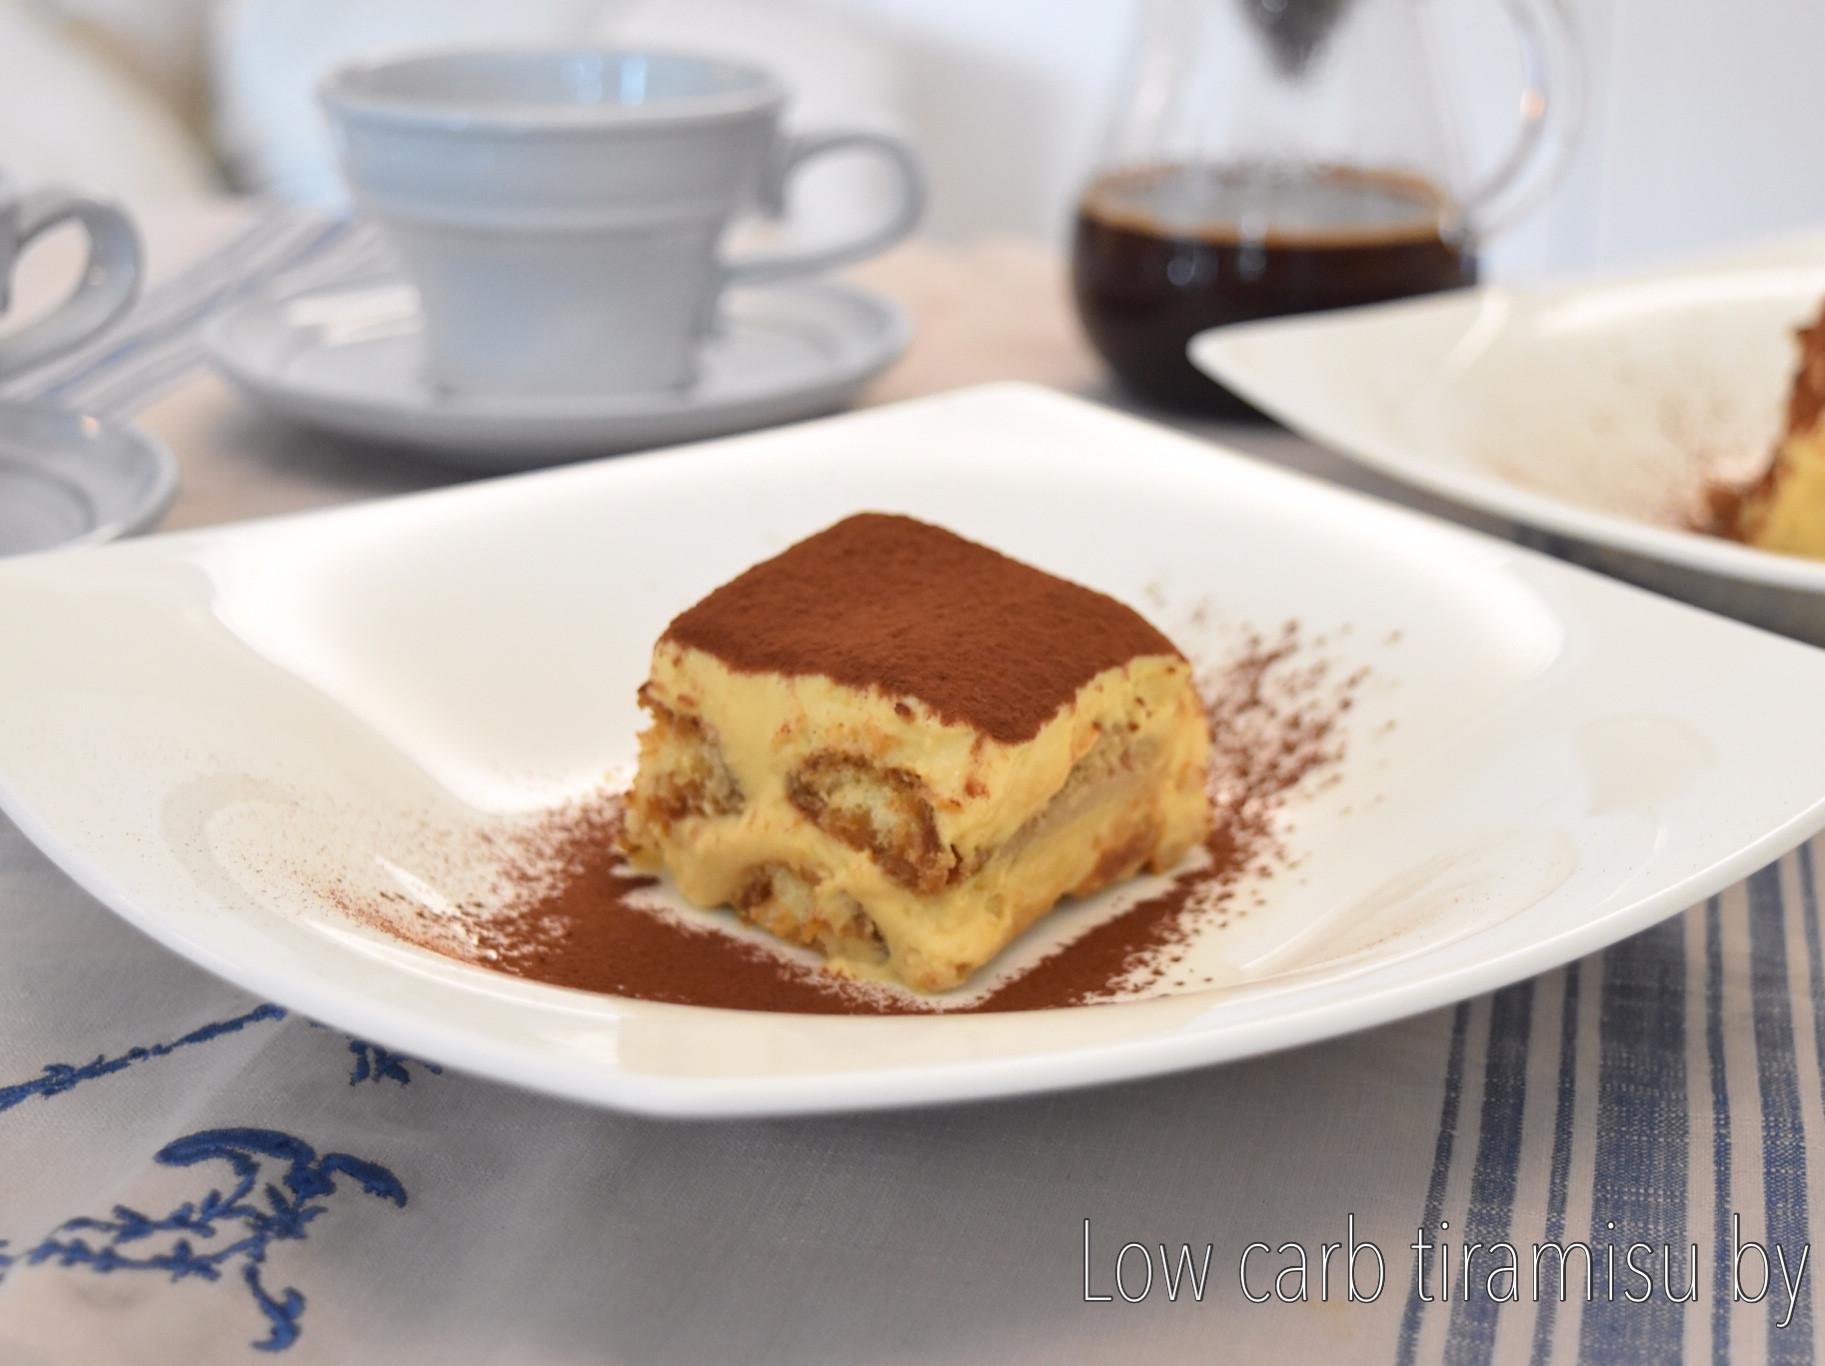 超美味低醣義式提拉米蘇